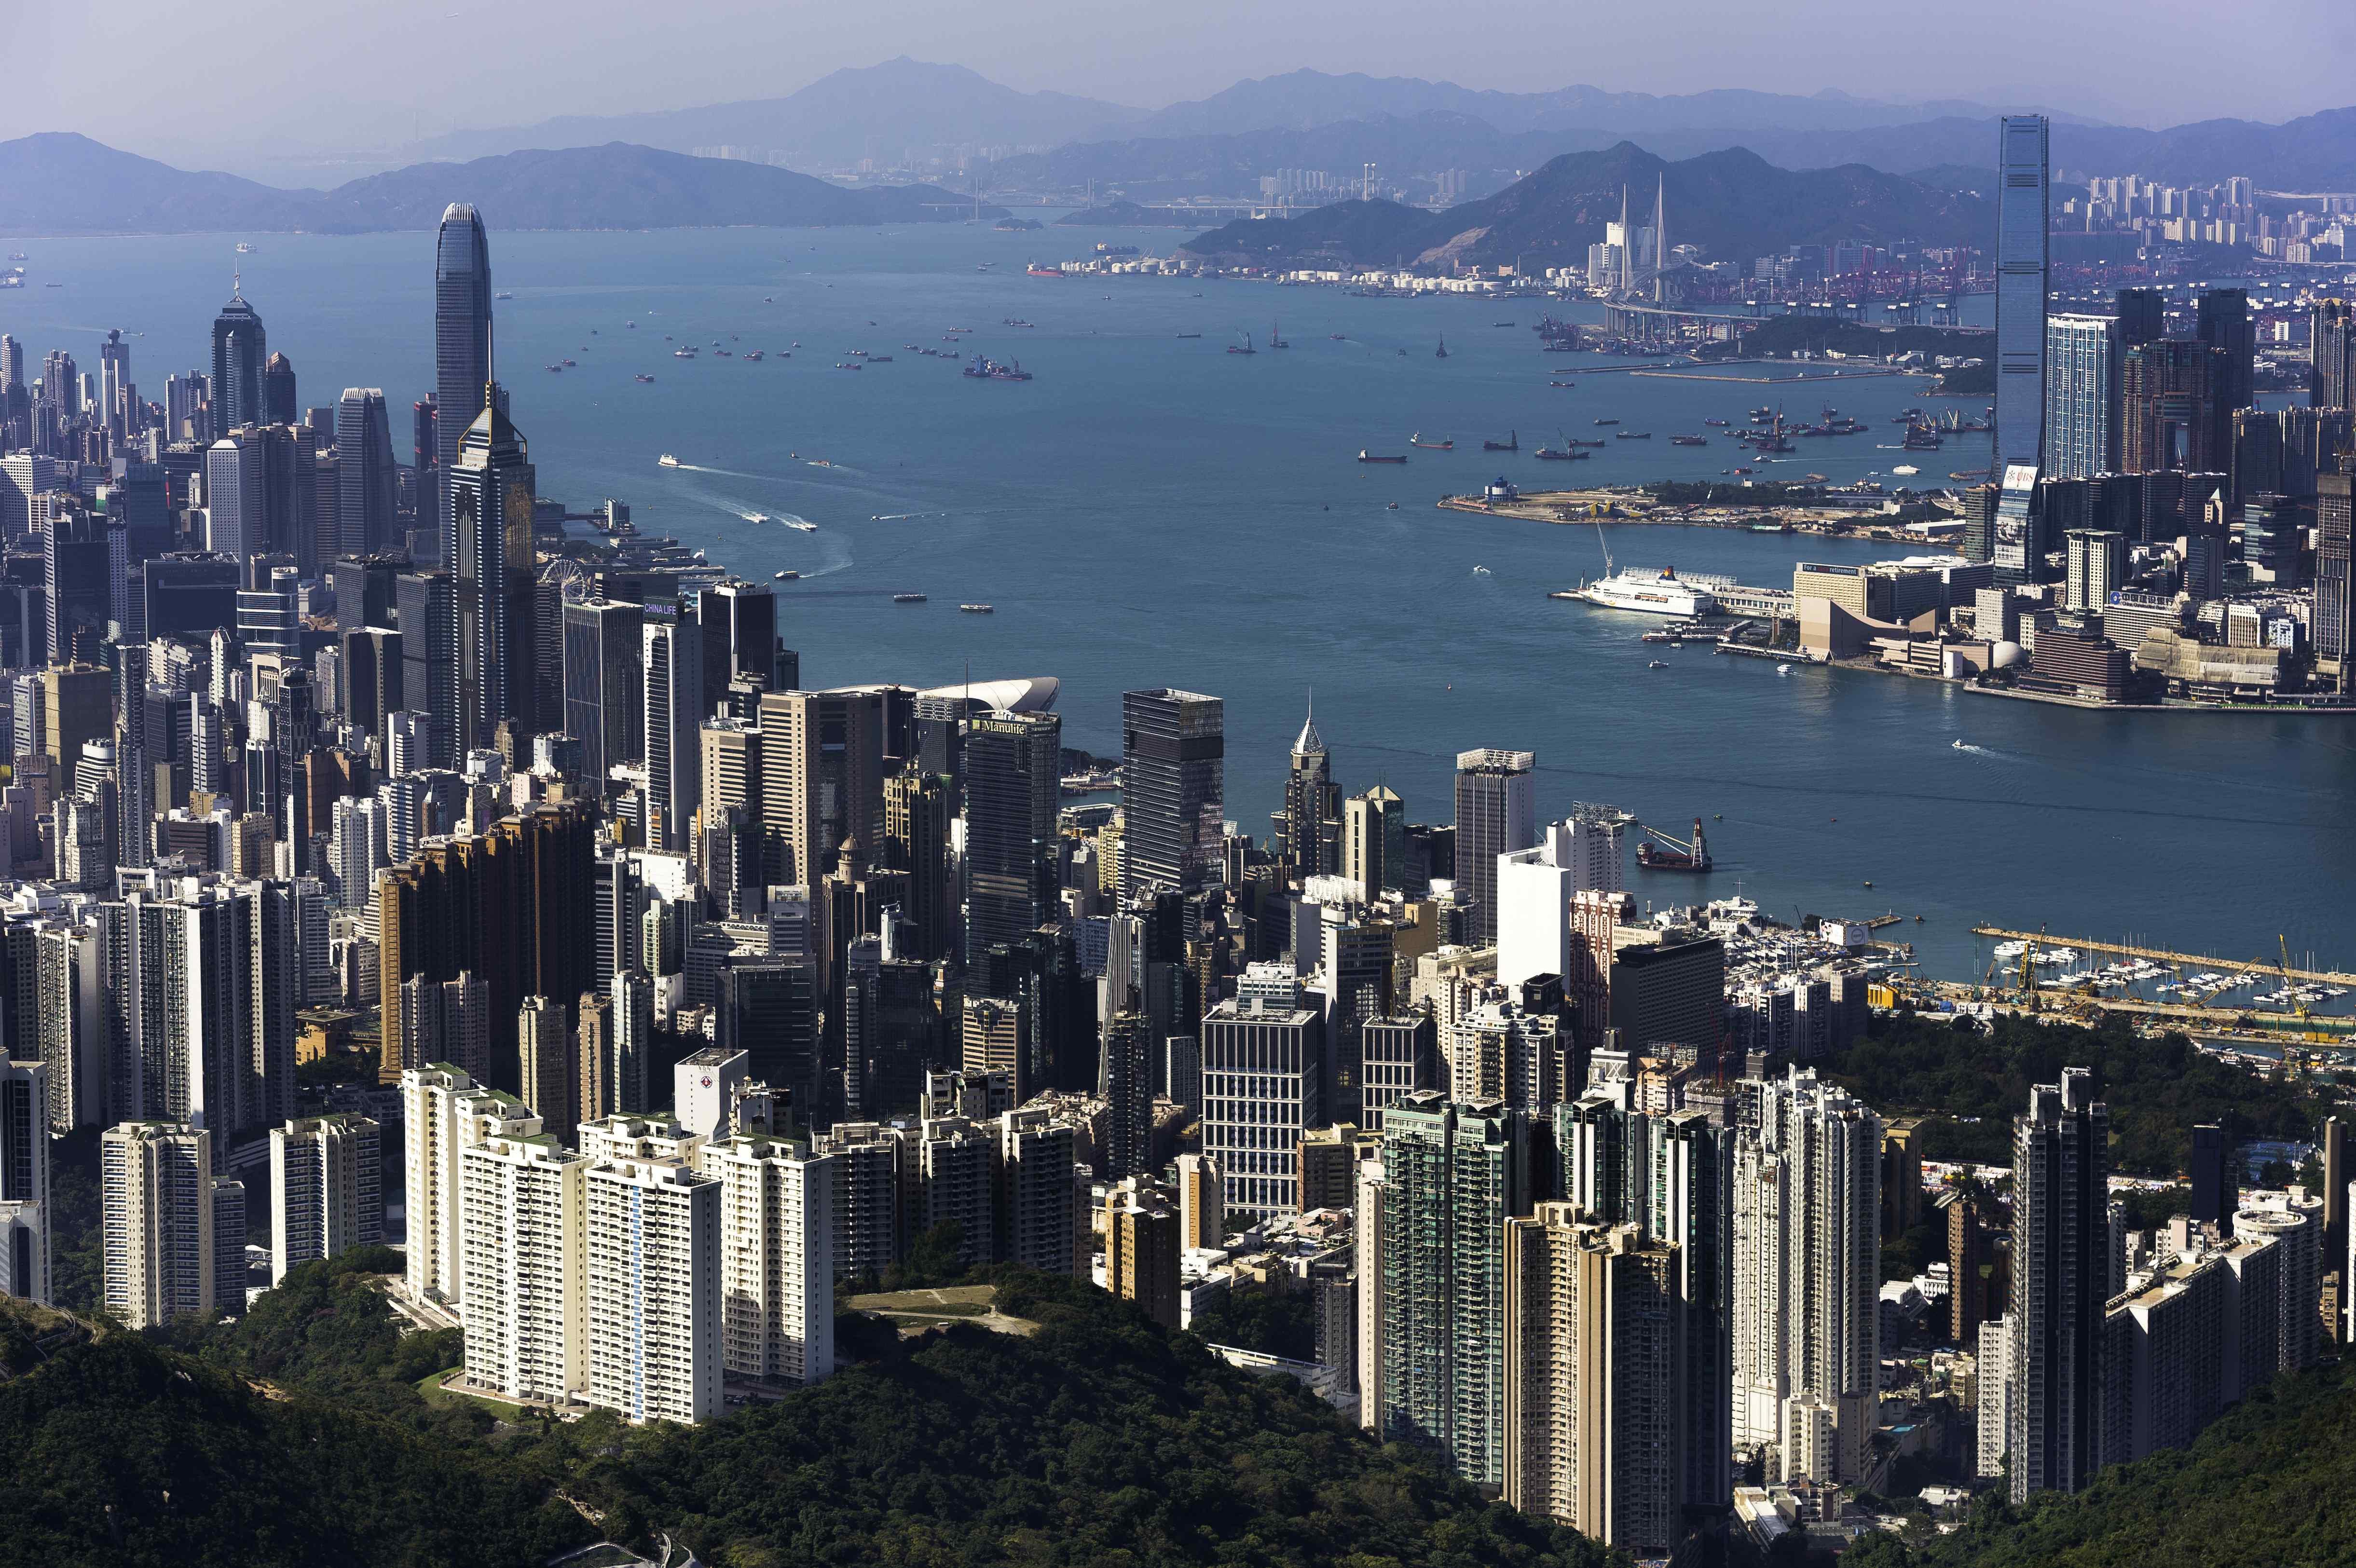 In Hong Kong Island